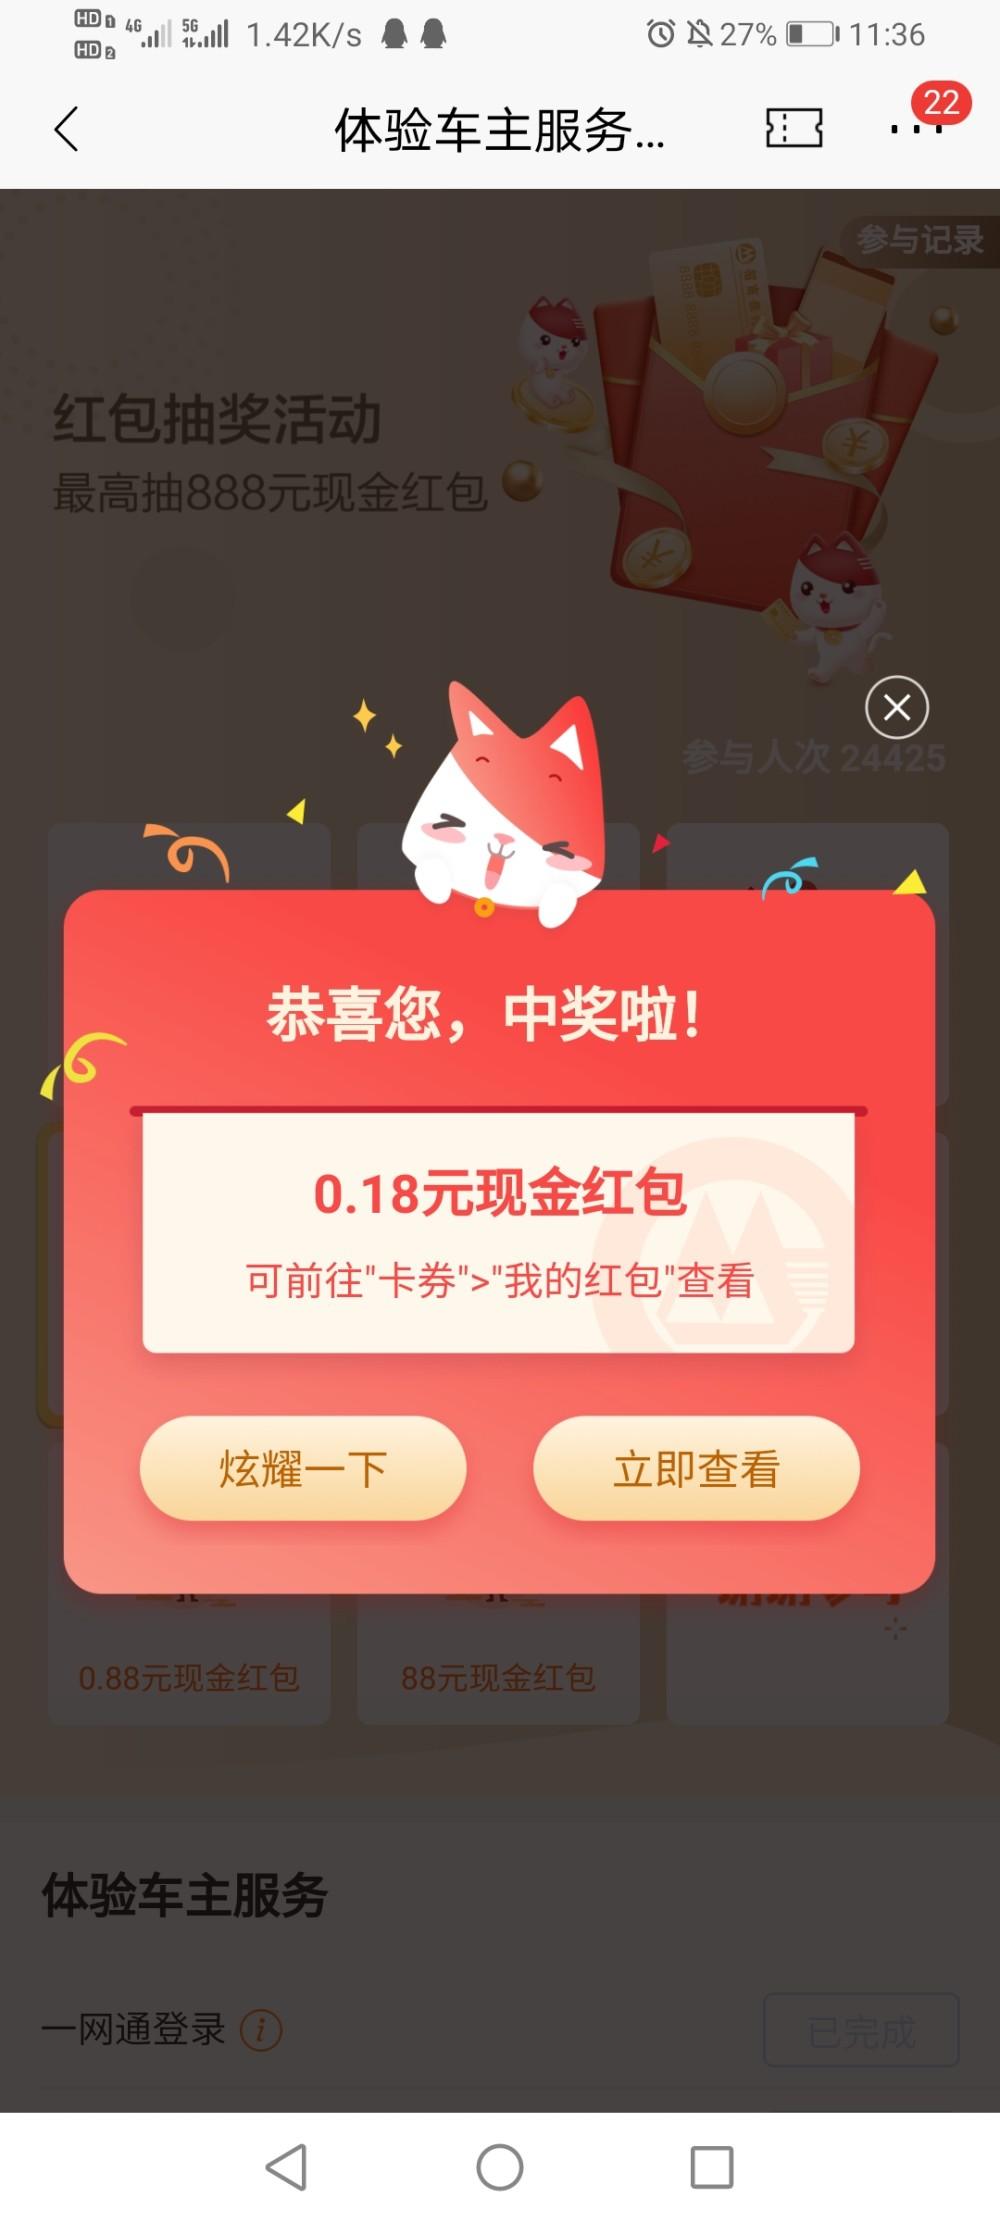 图片[1]-招商银行必中红包-飞享资源网